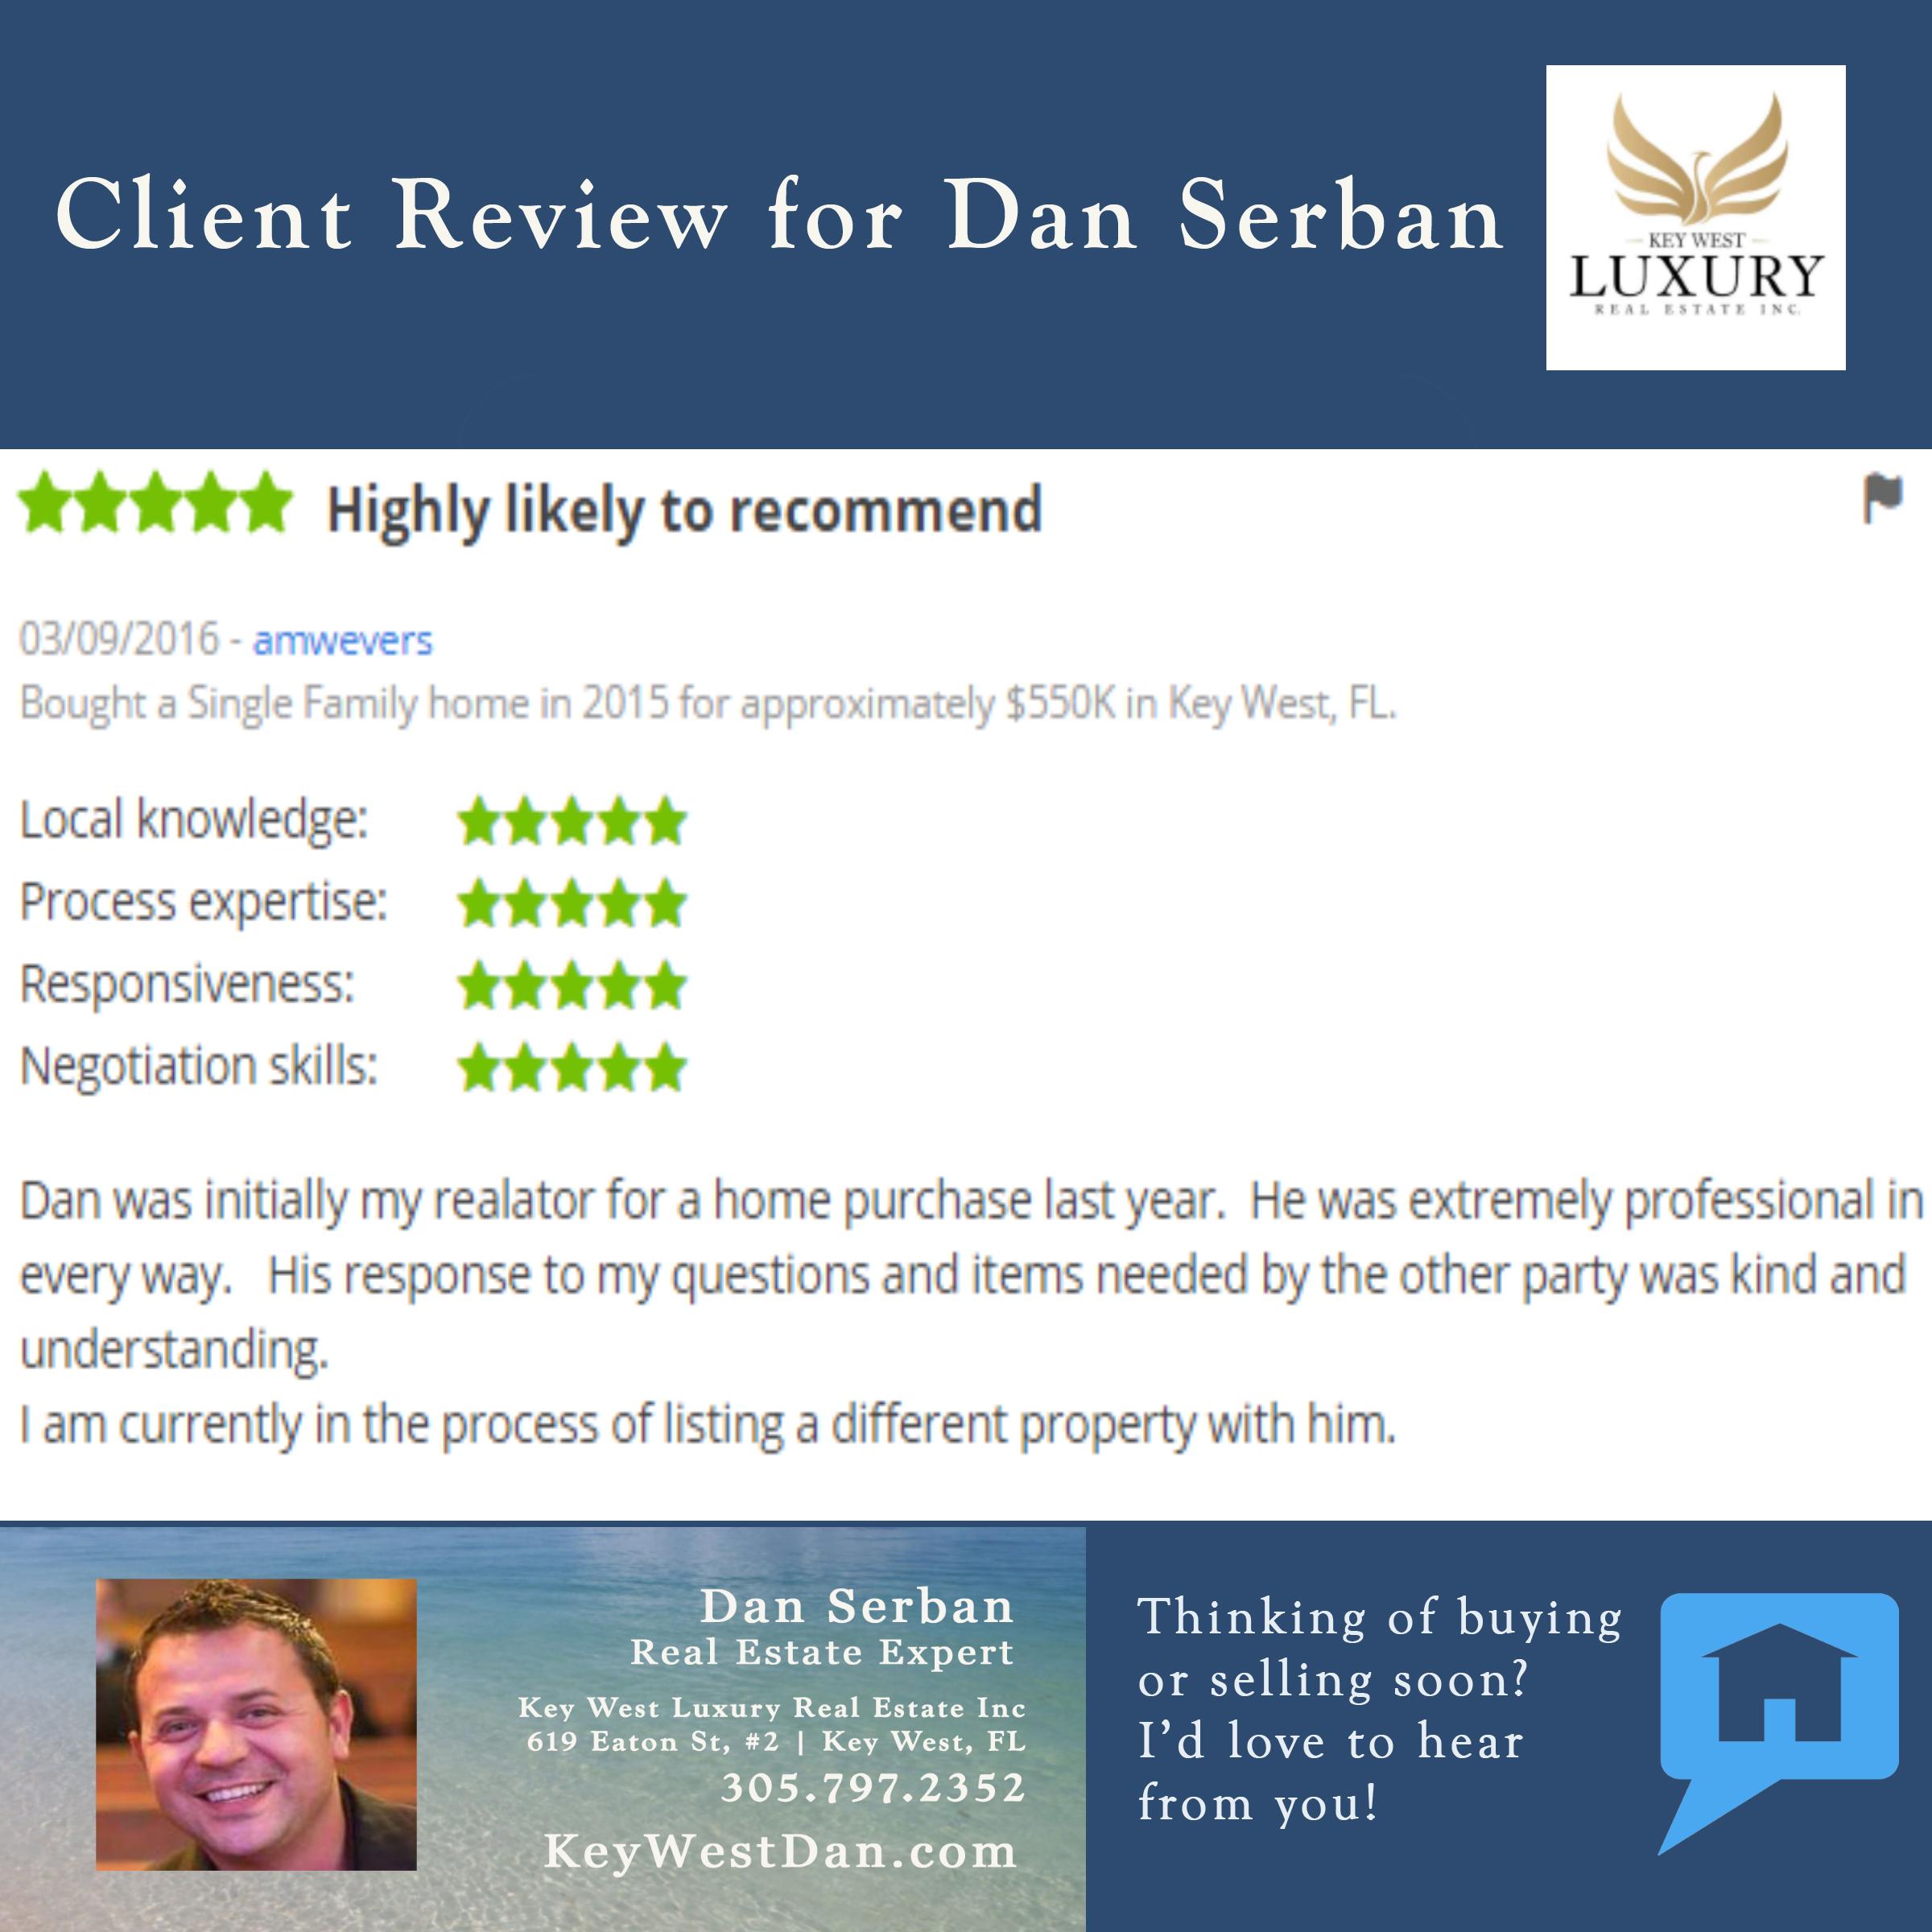 Dan Serban | Key West Luxury Real Estate Inc | 305.797.2352 | Key West, FL |   KeyWestDan.com